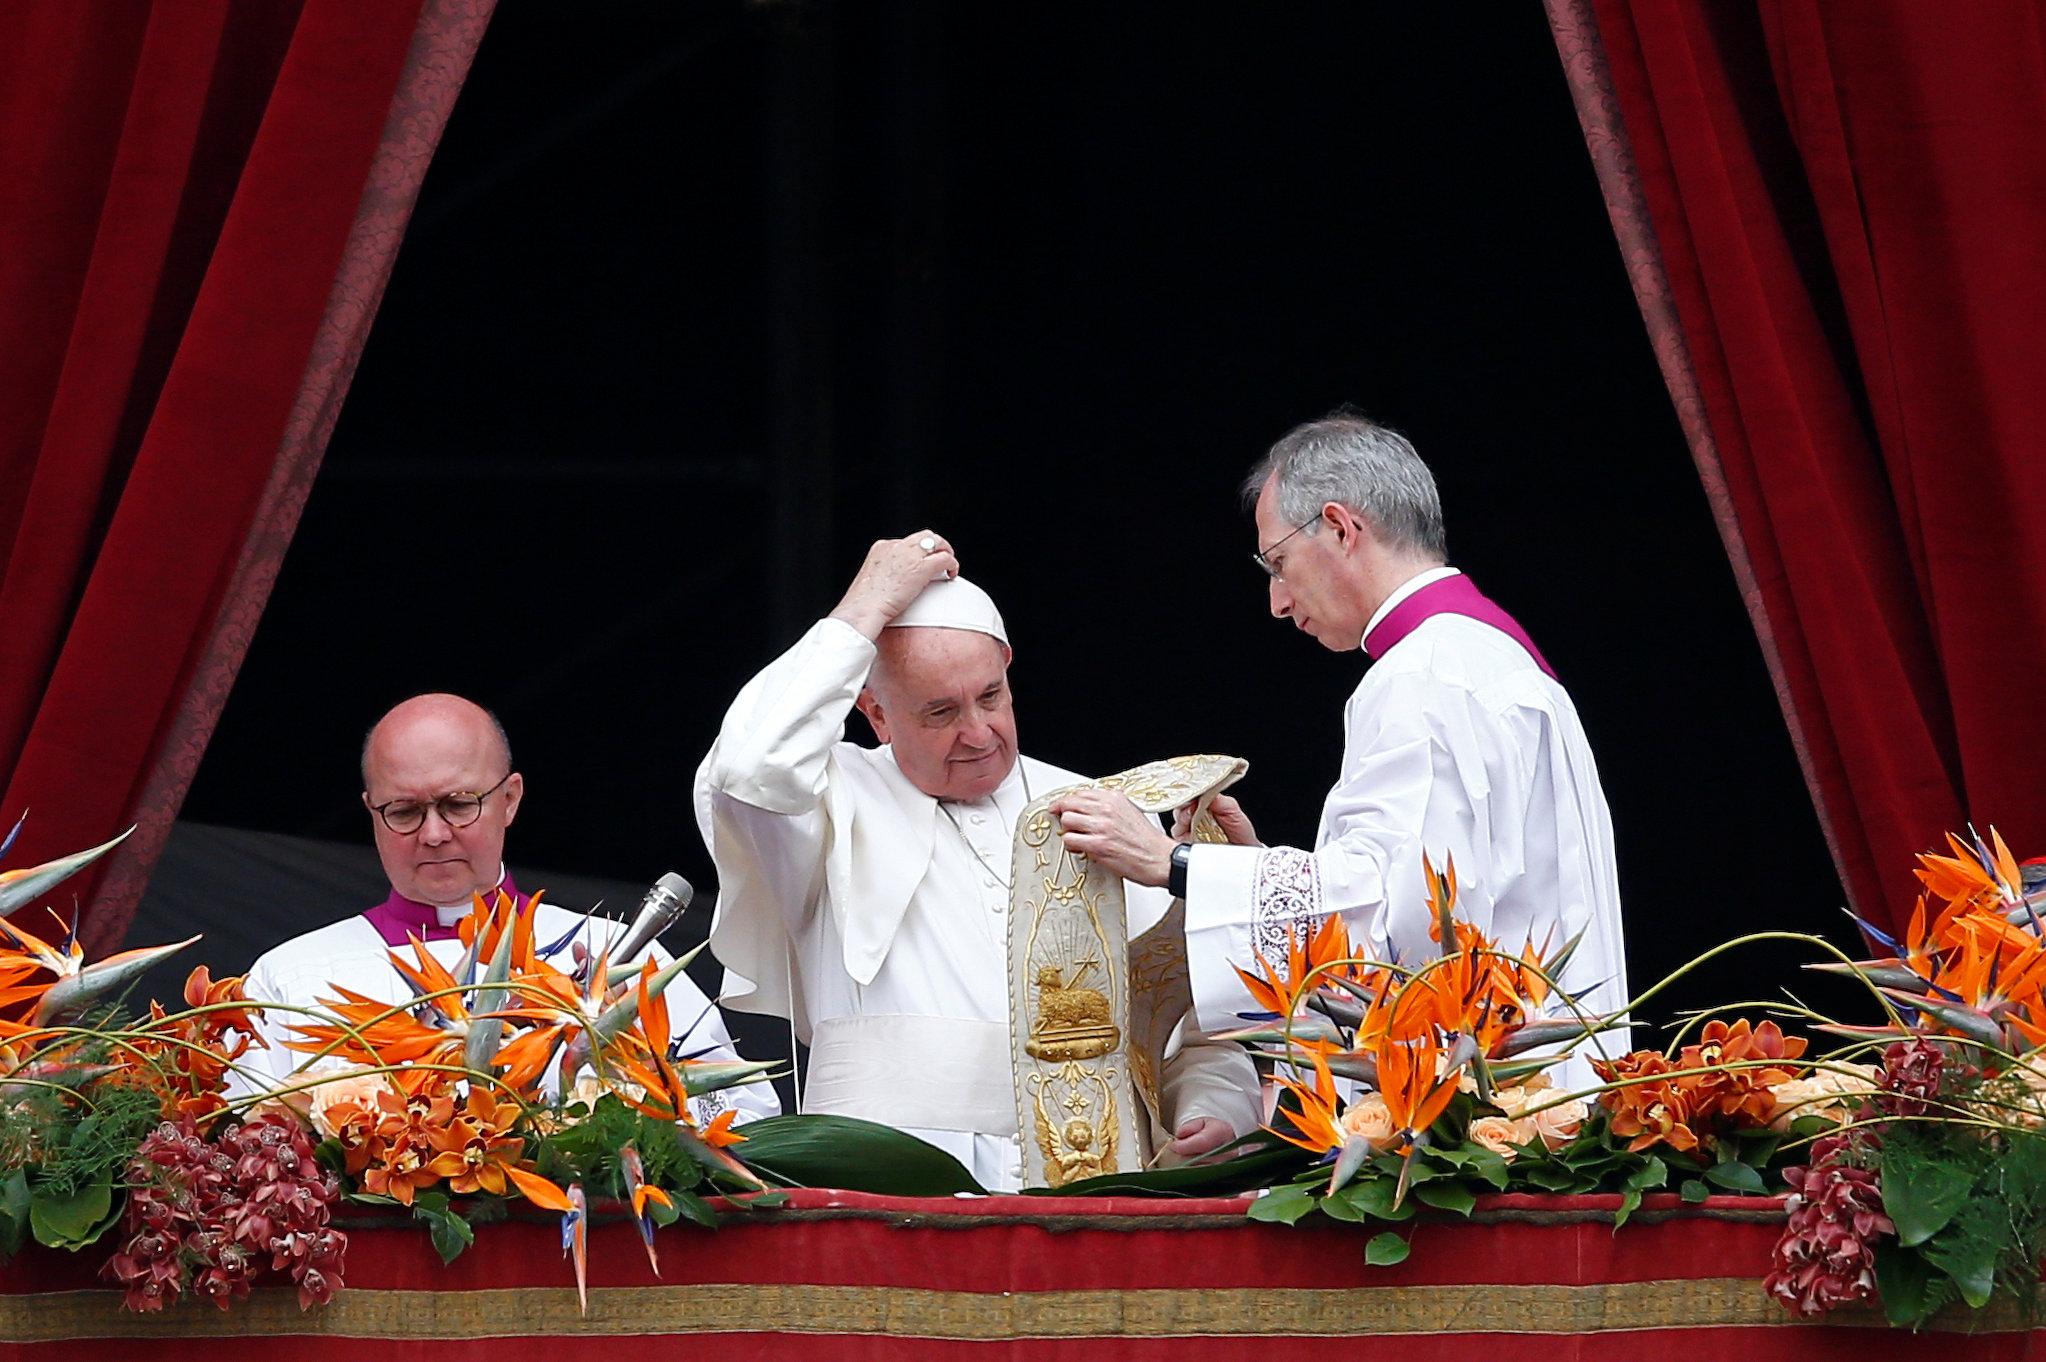 El Papa pide poner fin a las injusticias sociales, abusos y violencia en Venezuela